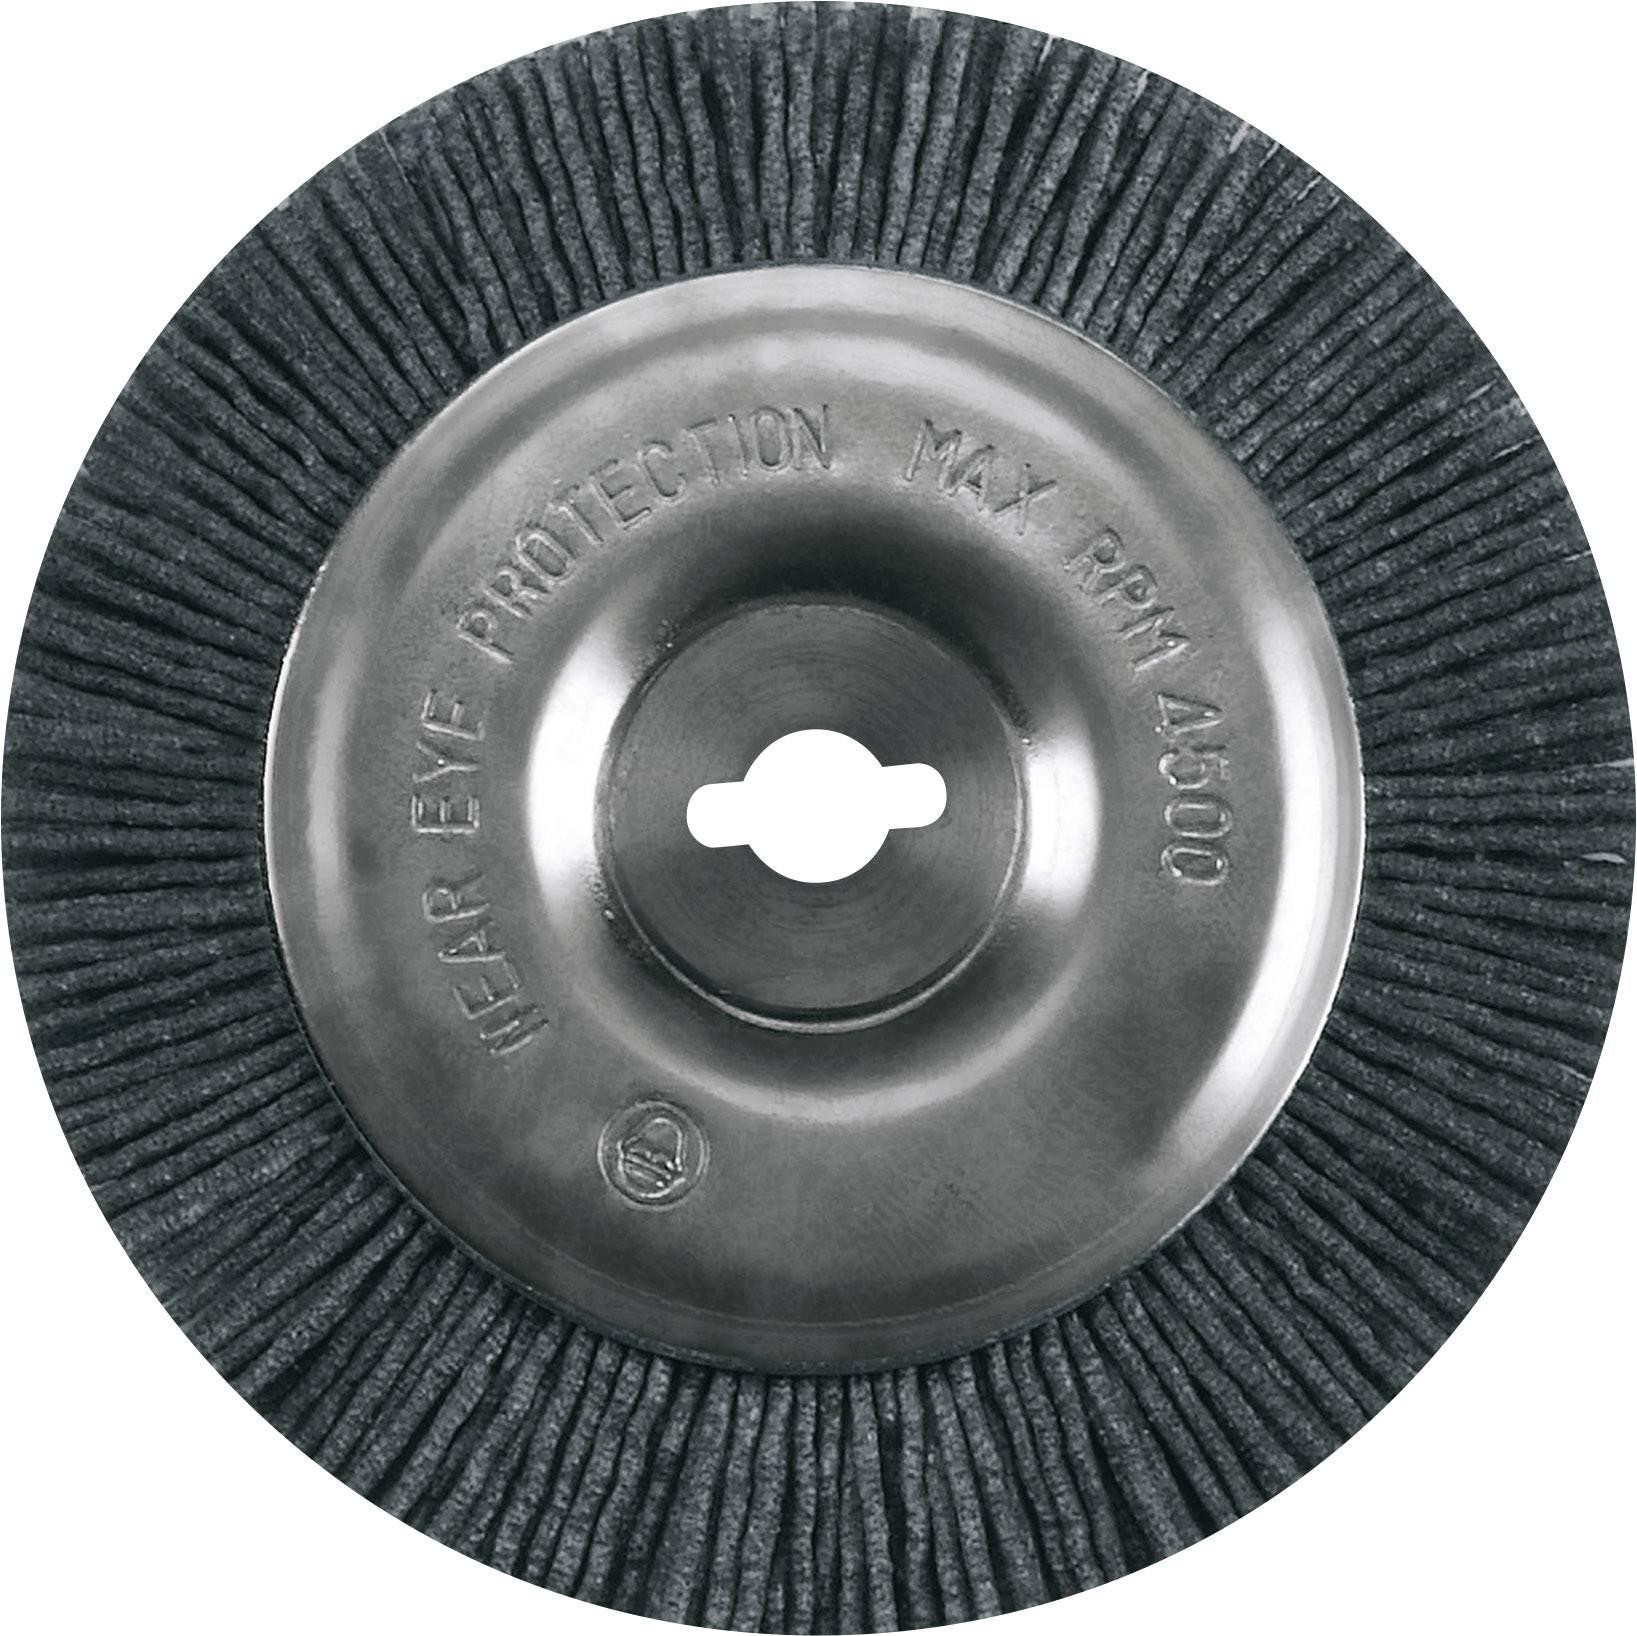 Náhradní kotouč pro čistič spár Einhell BG-EC 1410, polyamid